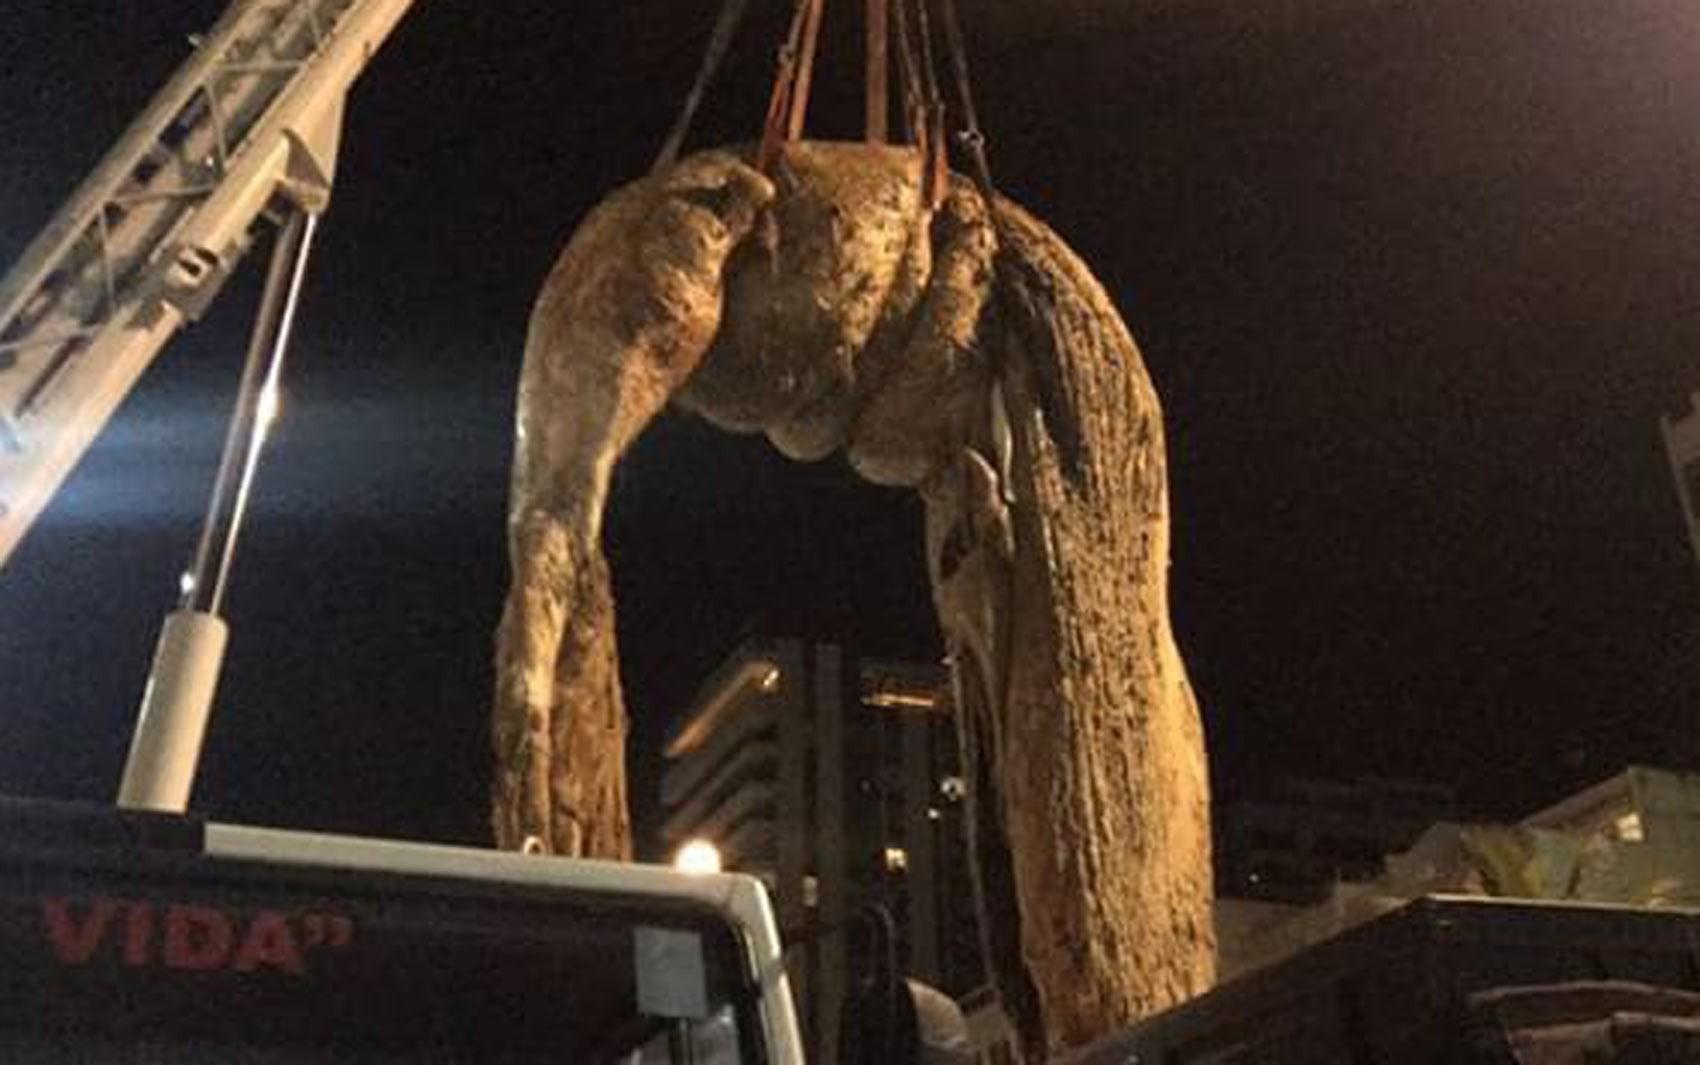 Baleia morta é removida da praia de Ipanema, no Rio